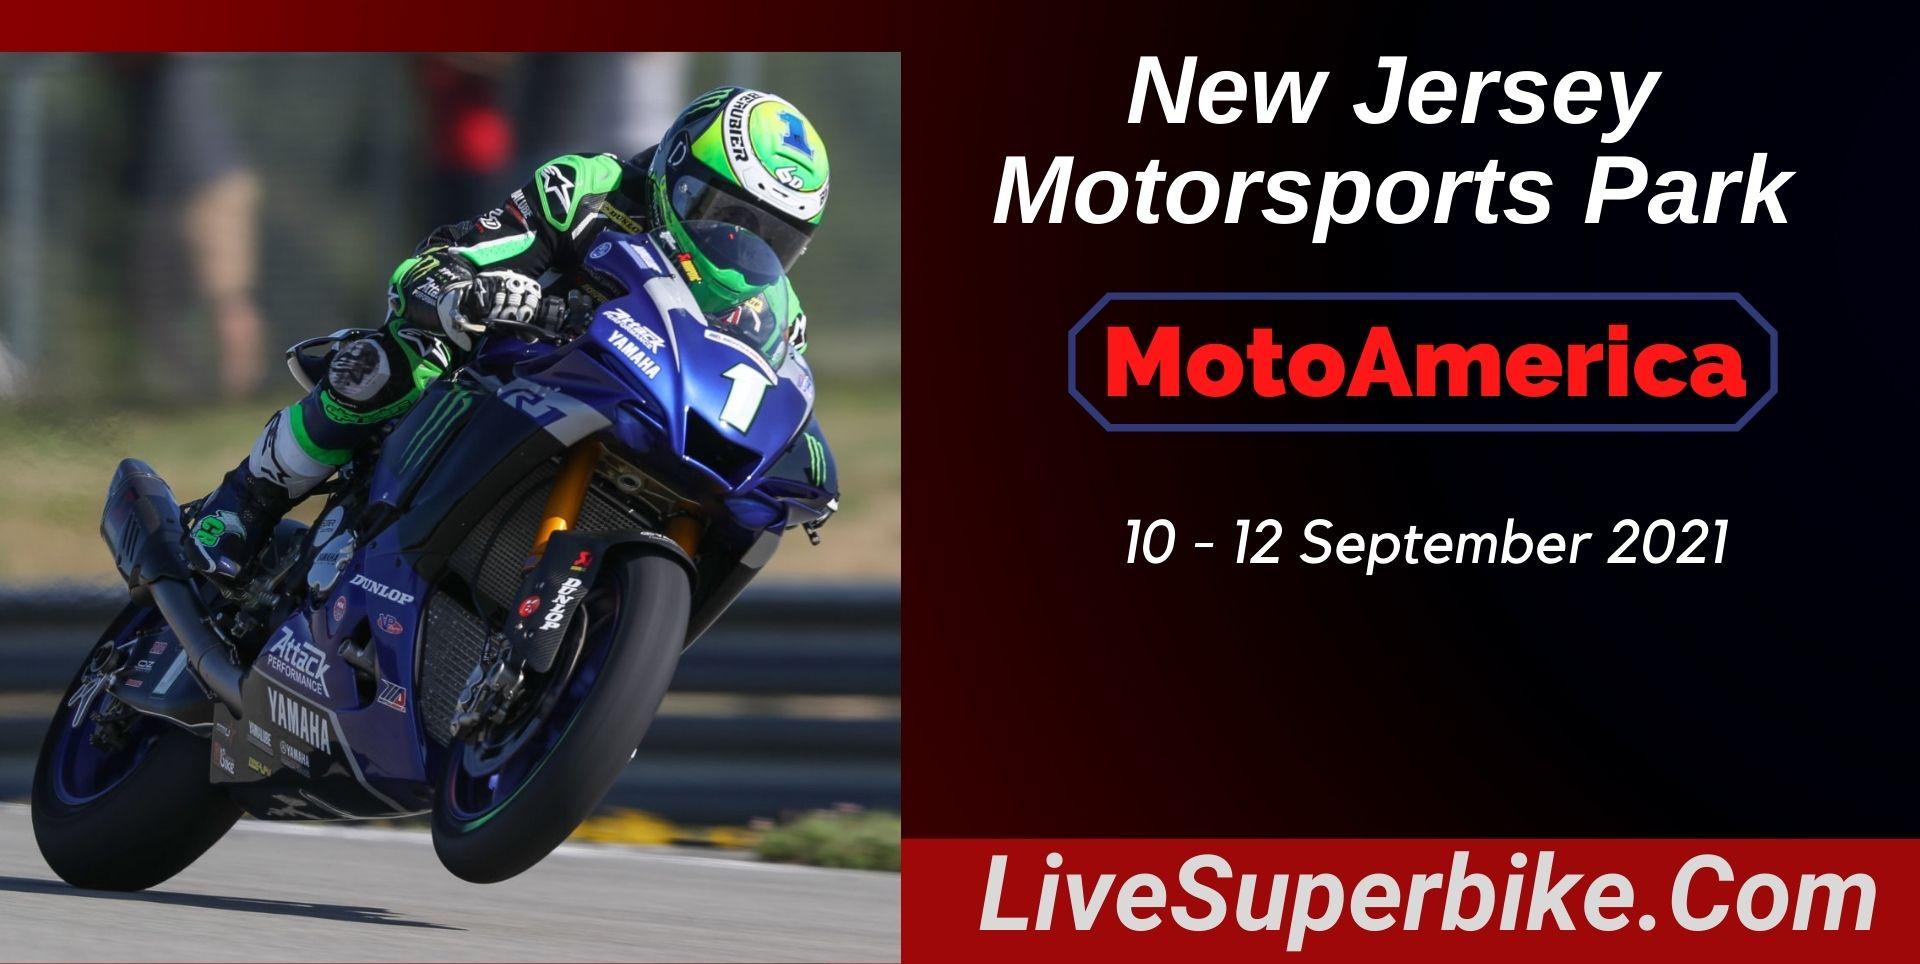 New Jersey Motorsports Park MotoAmerica Live 2021